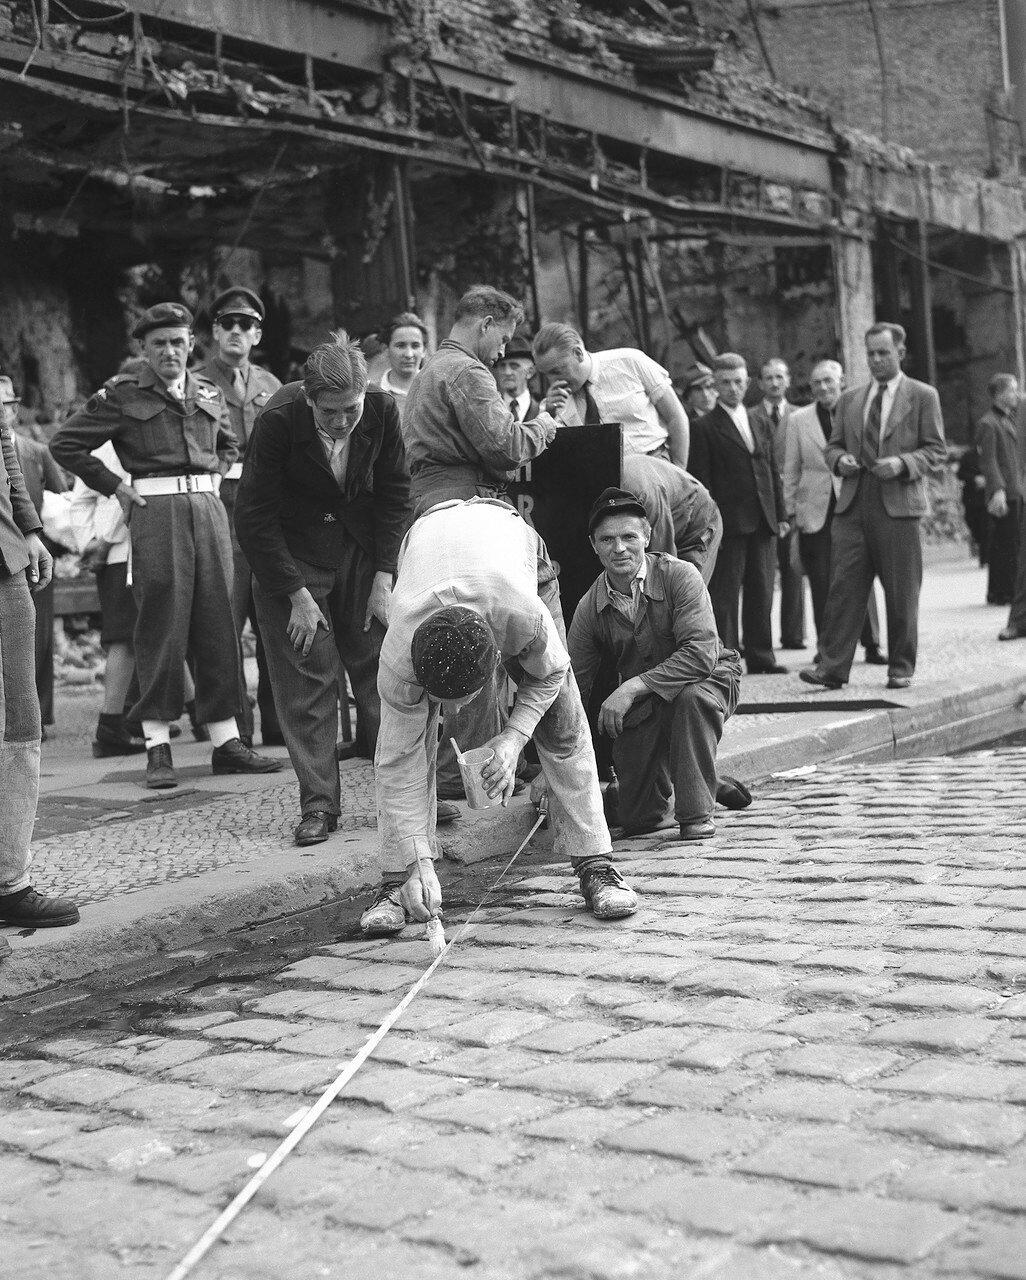 21 августа 1948. Производится разметка между Британским и Советским секторами Берлина в районе Потсдамерплац